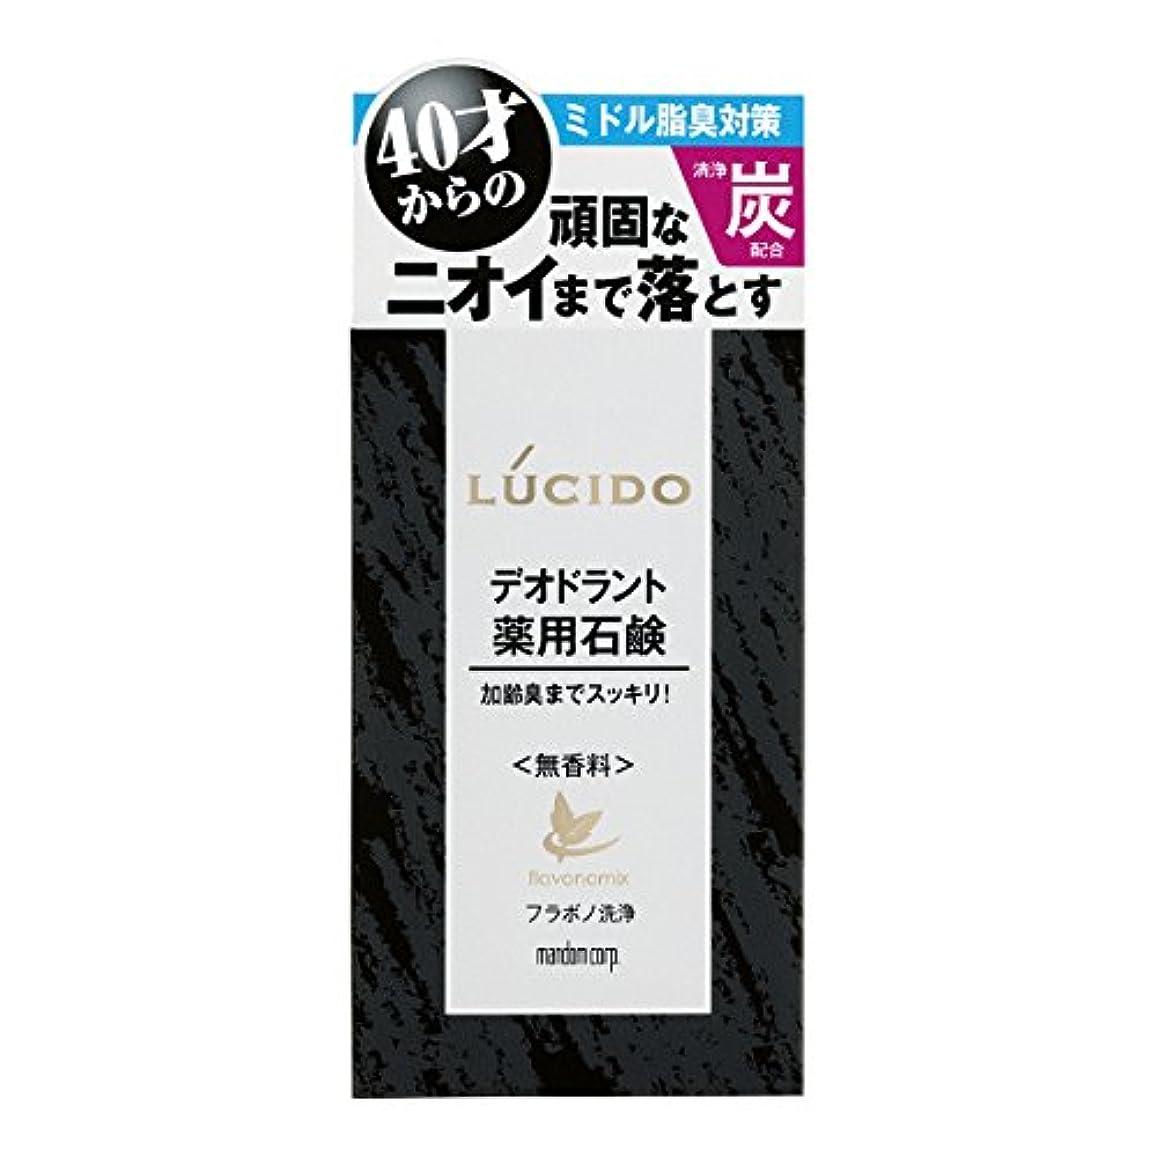 海賊敬多様体ルシード 薬用デオドラント石鹸 100g(医薬部外品)